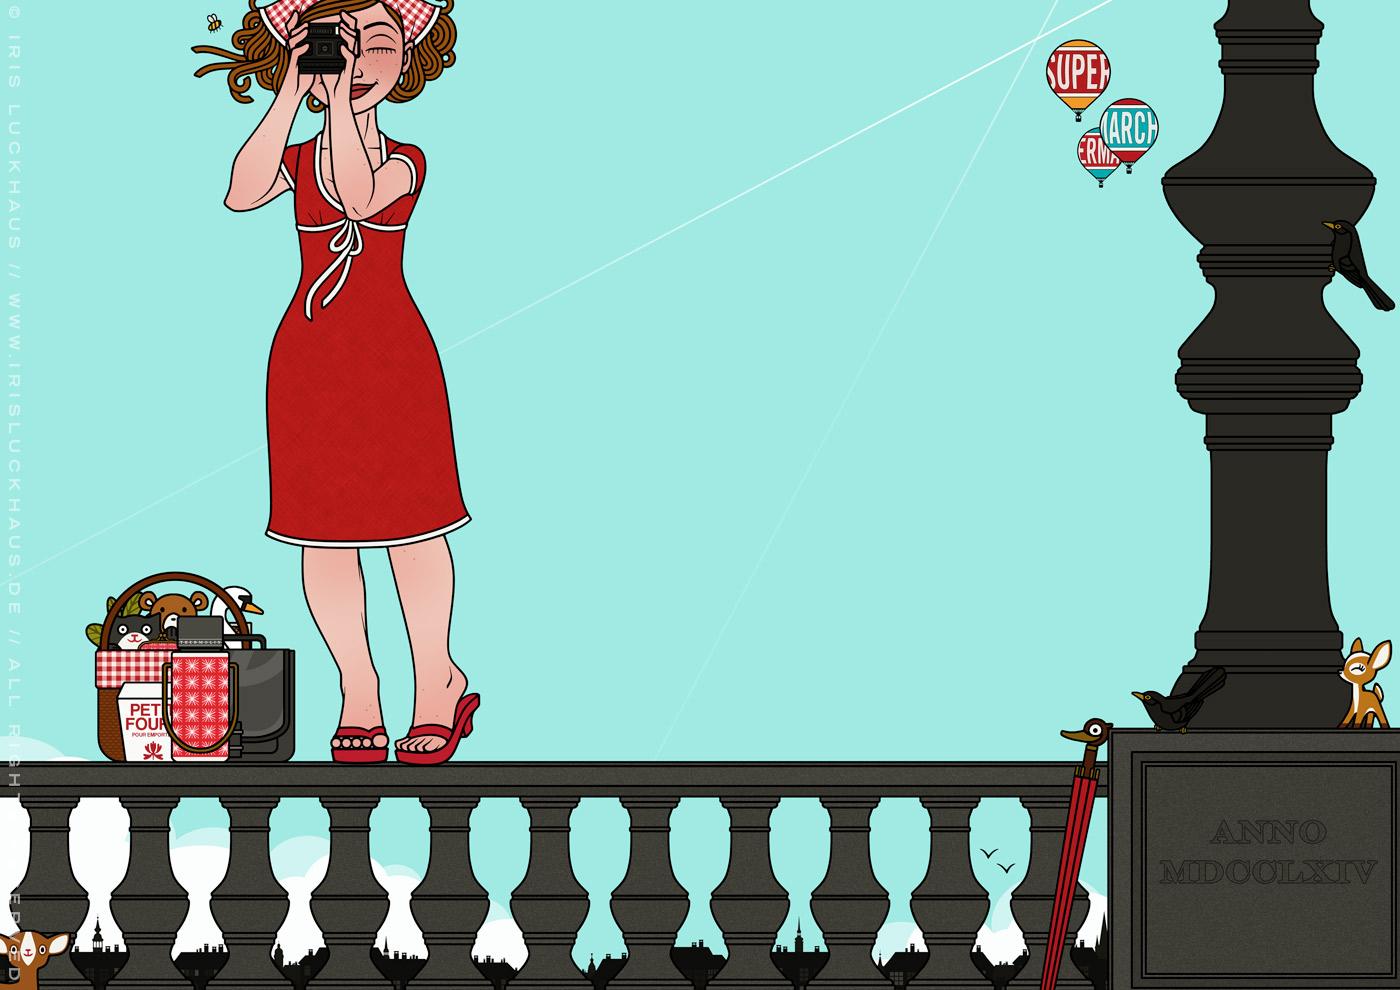 Zeichnung von Mädchen beim Fotografieren auf dem Geländer einer Brücke balancierend Mut für Lily Lux von Iris Luckhaus